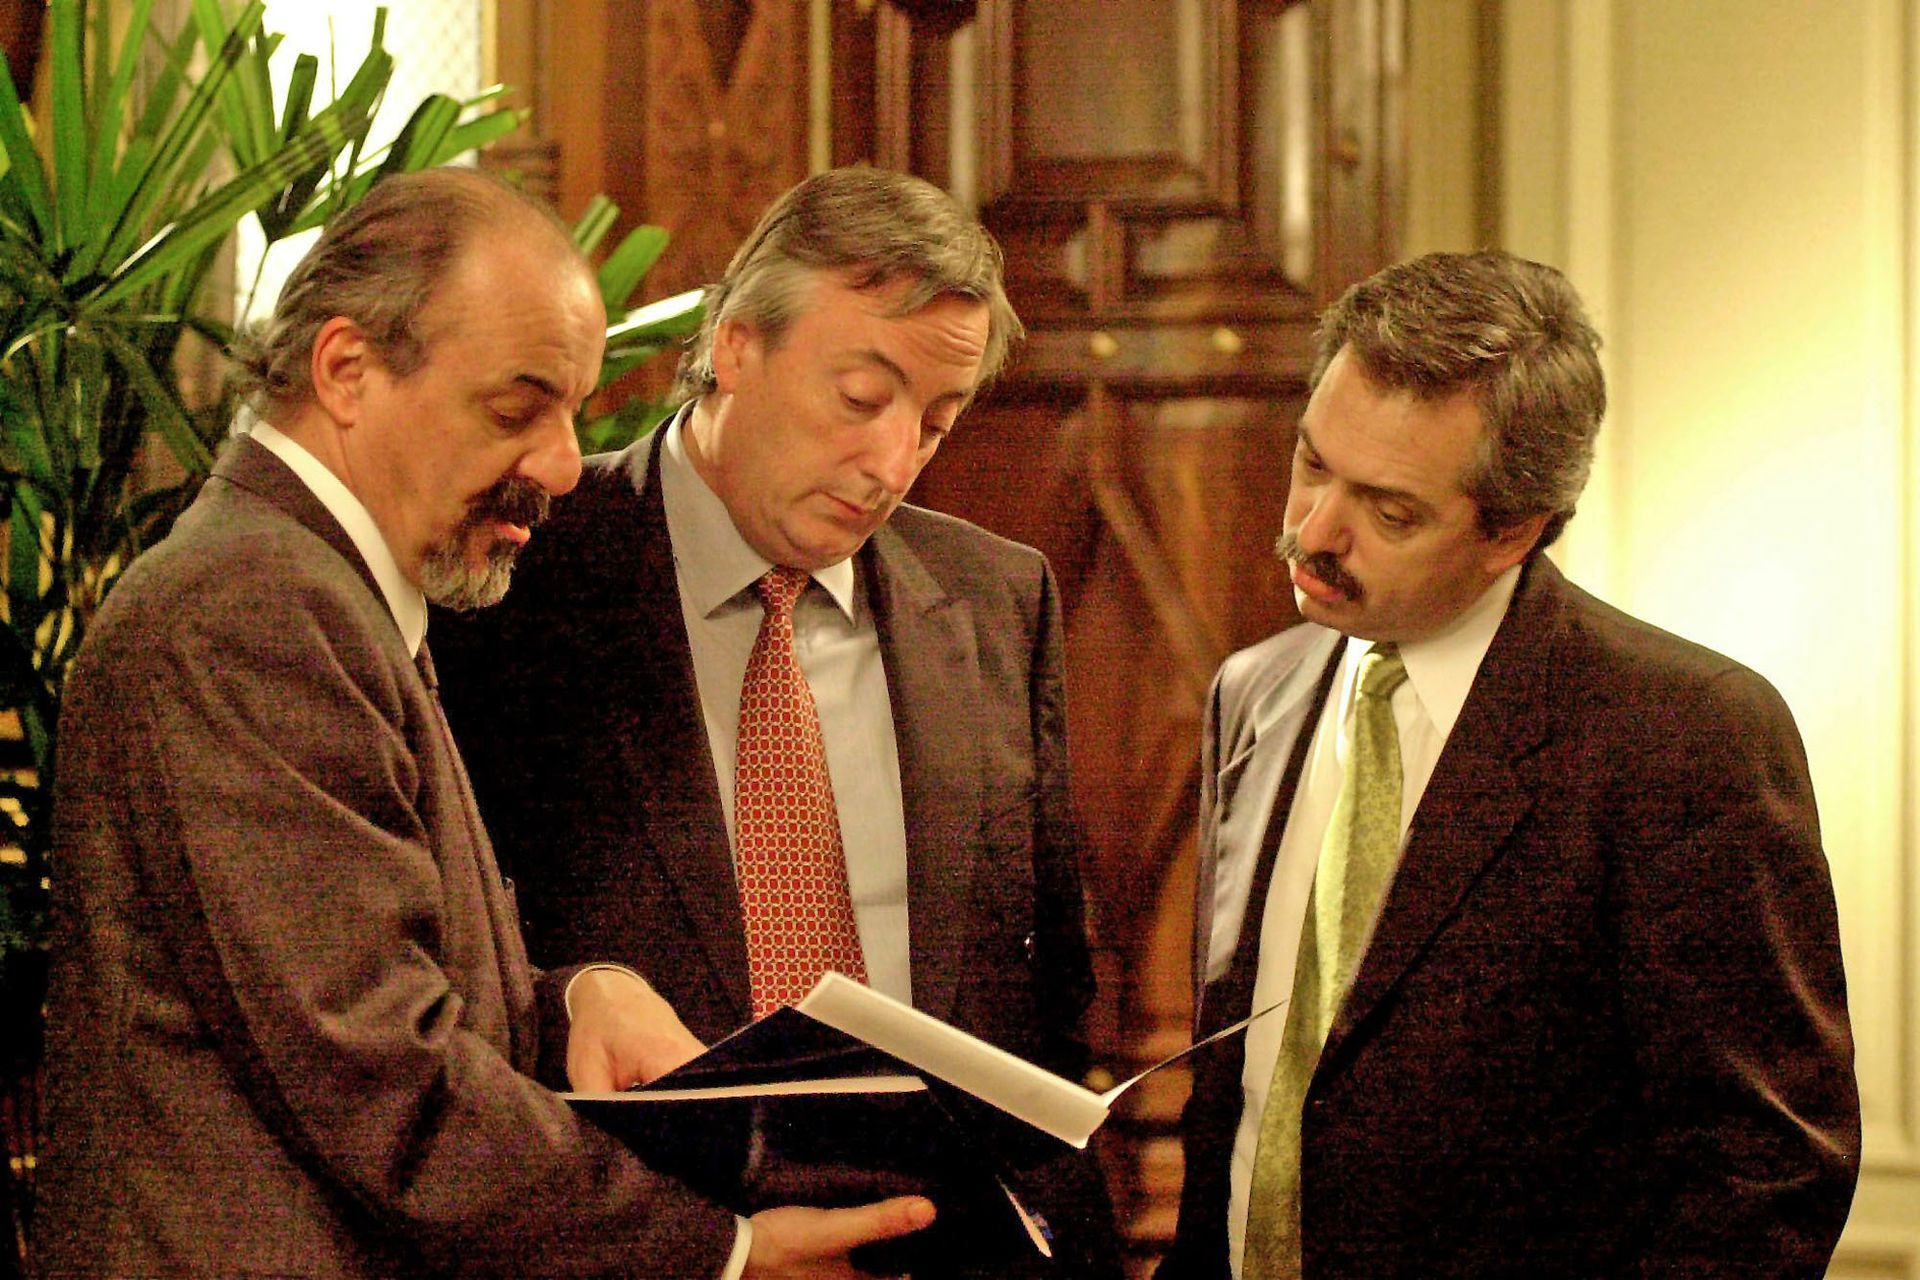 El presidente Nestor Kirchner junto al jefe de Gabinete, Alberto Fernandez y el ministro de Trabajo. La imagen fue capturada en el despacho de la presidencia, el 28 de agosto de 2003